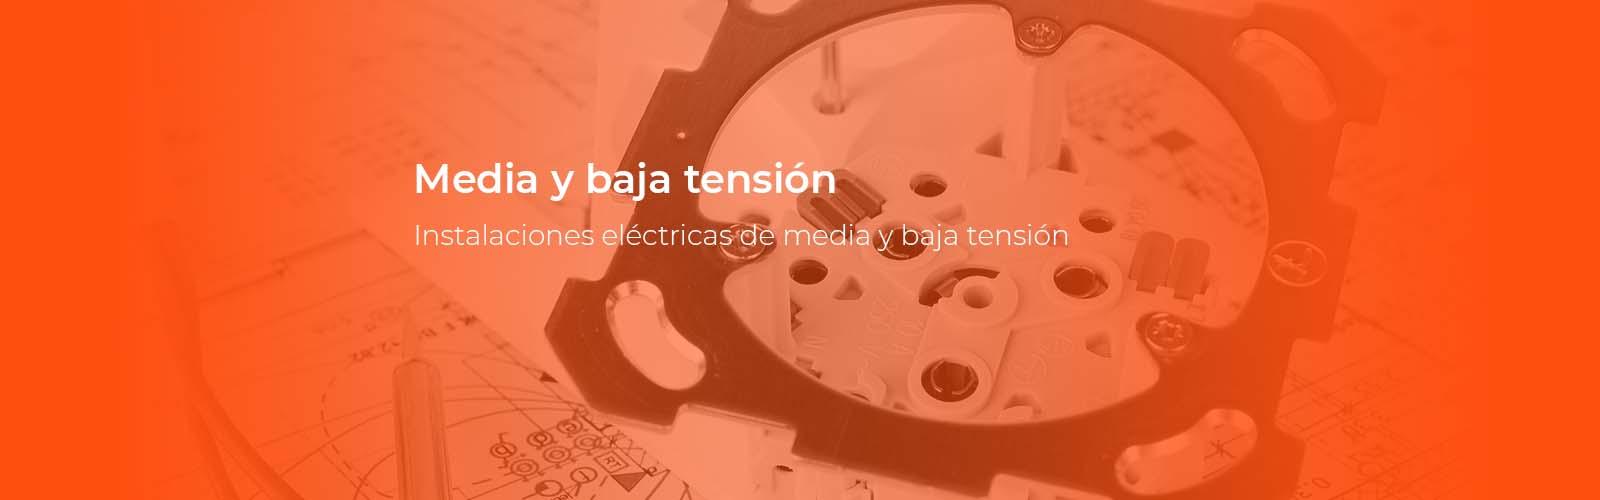 Material eléctrico de media y baja tensión